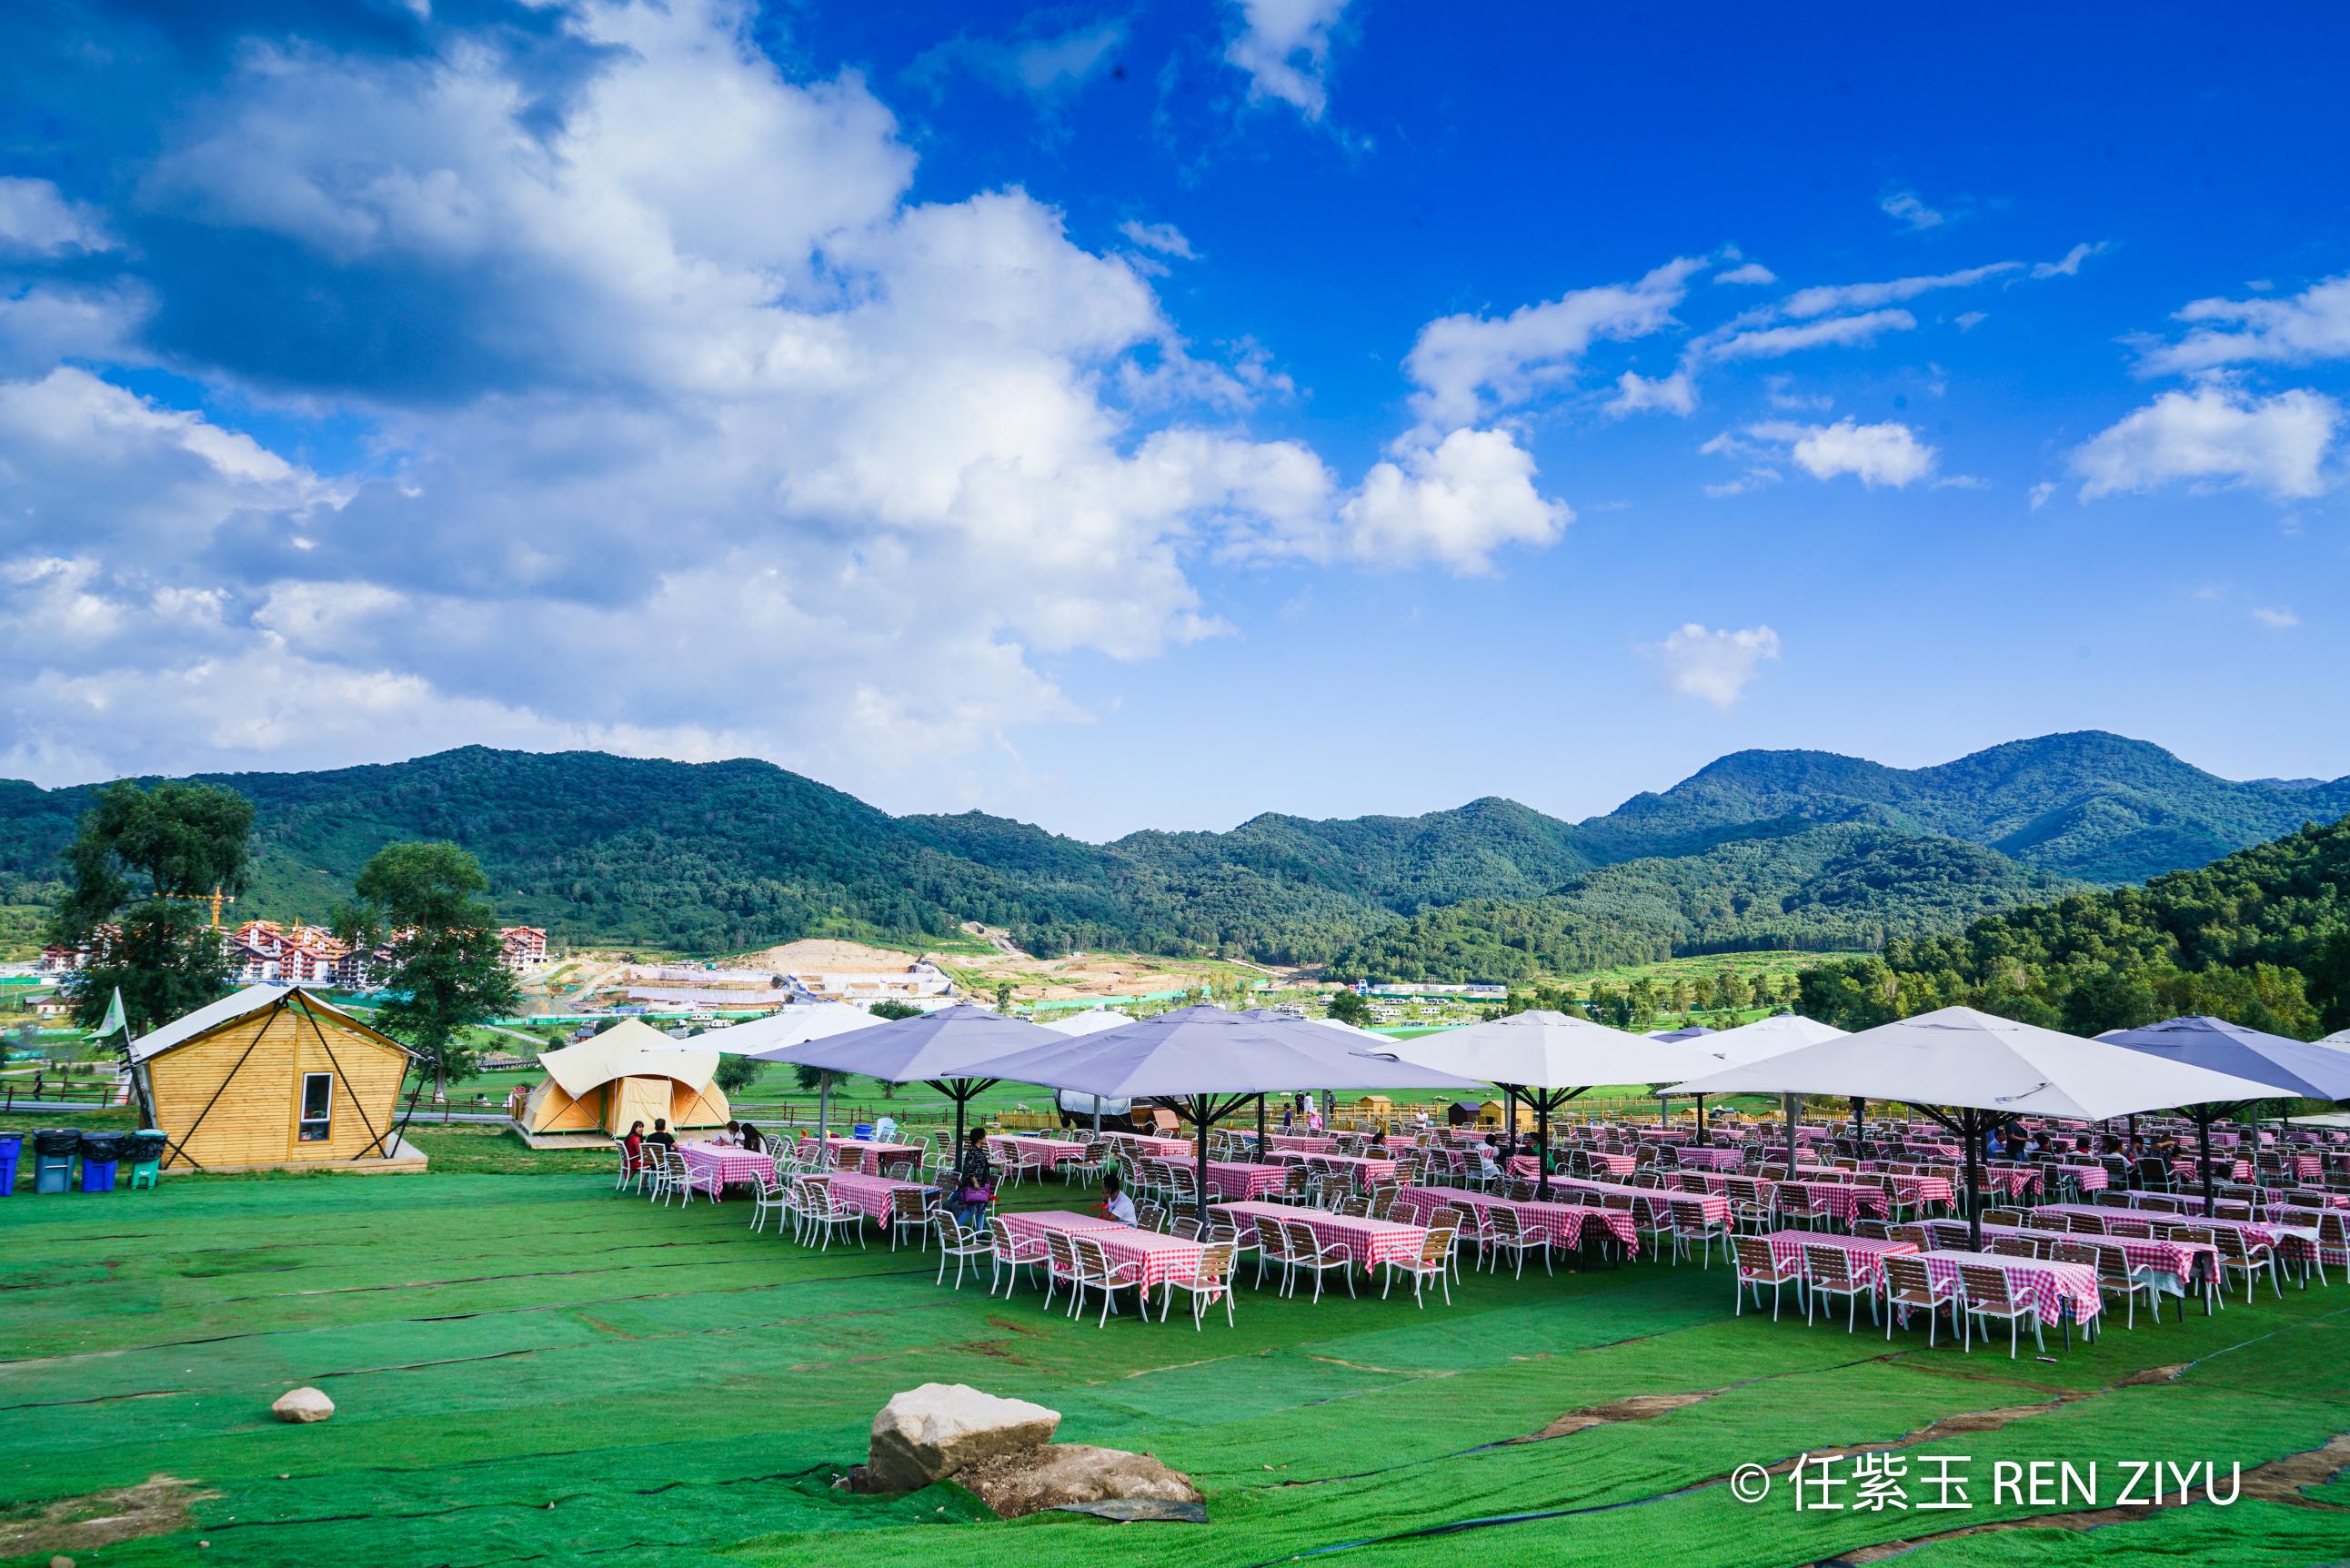 京郊度假小瑞士海坨山谷 在黑松林中骑行 体验亚洲最大房车酒店